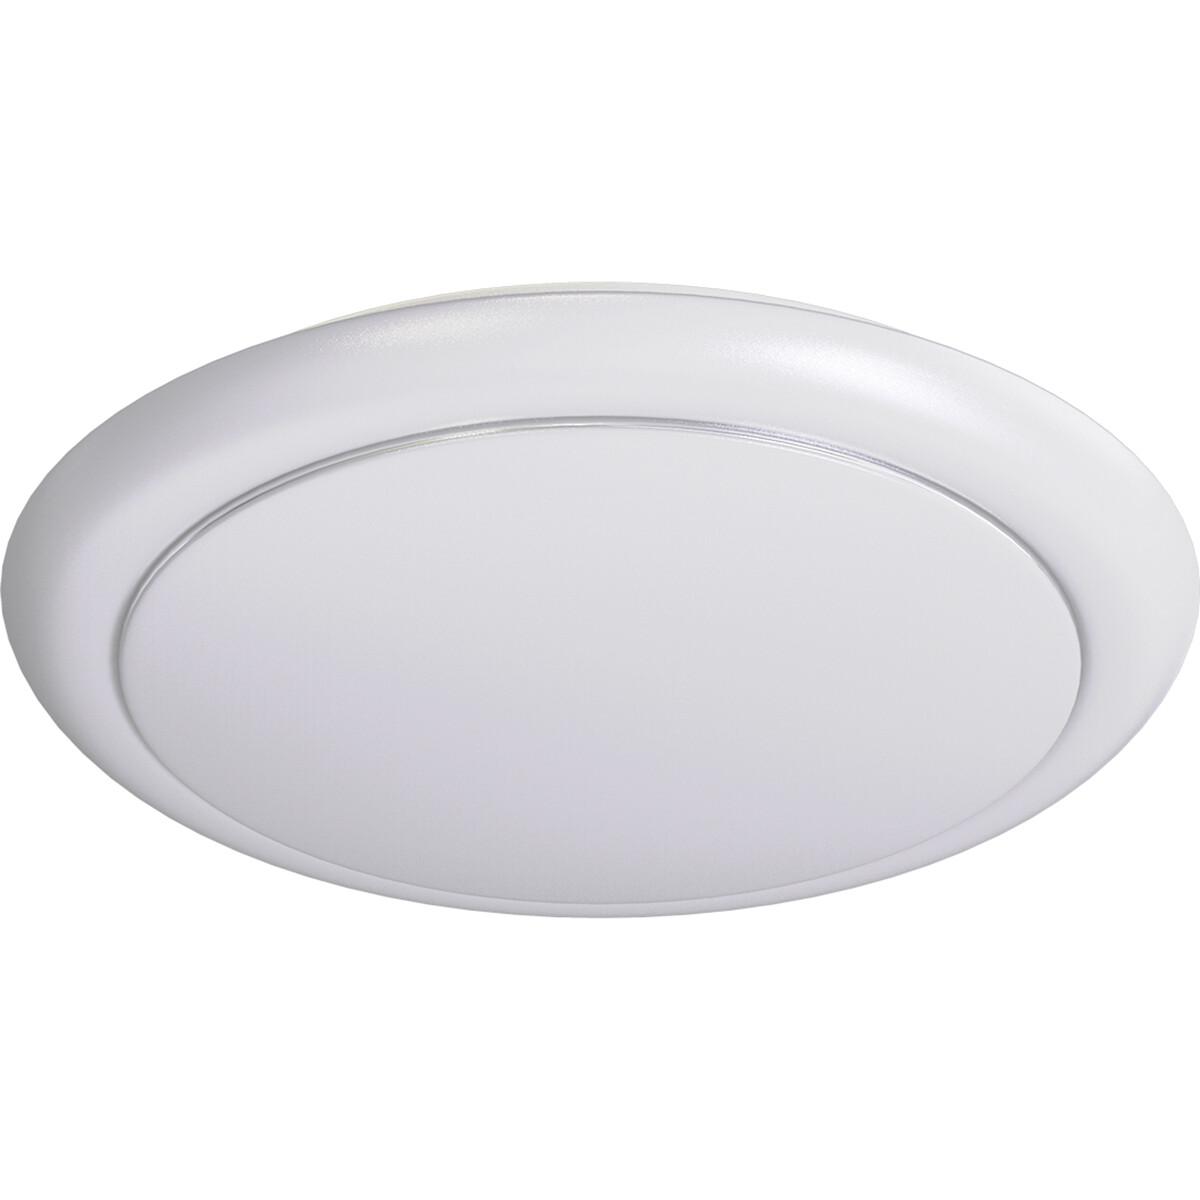 LED Plafondlamp - Aigi Ala - Opbouw Rond 24W - Natuurlijk Wit 4000K - Mat Wit - Aluminium